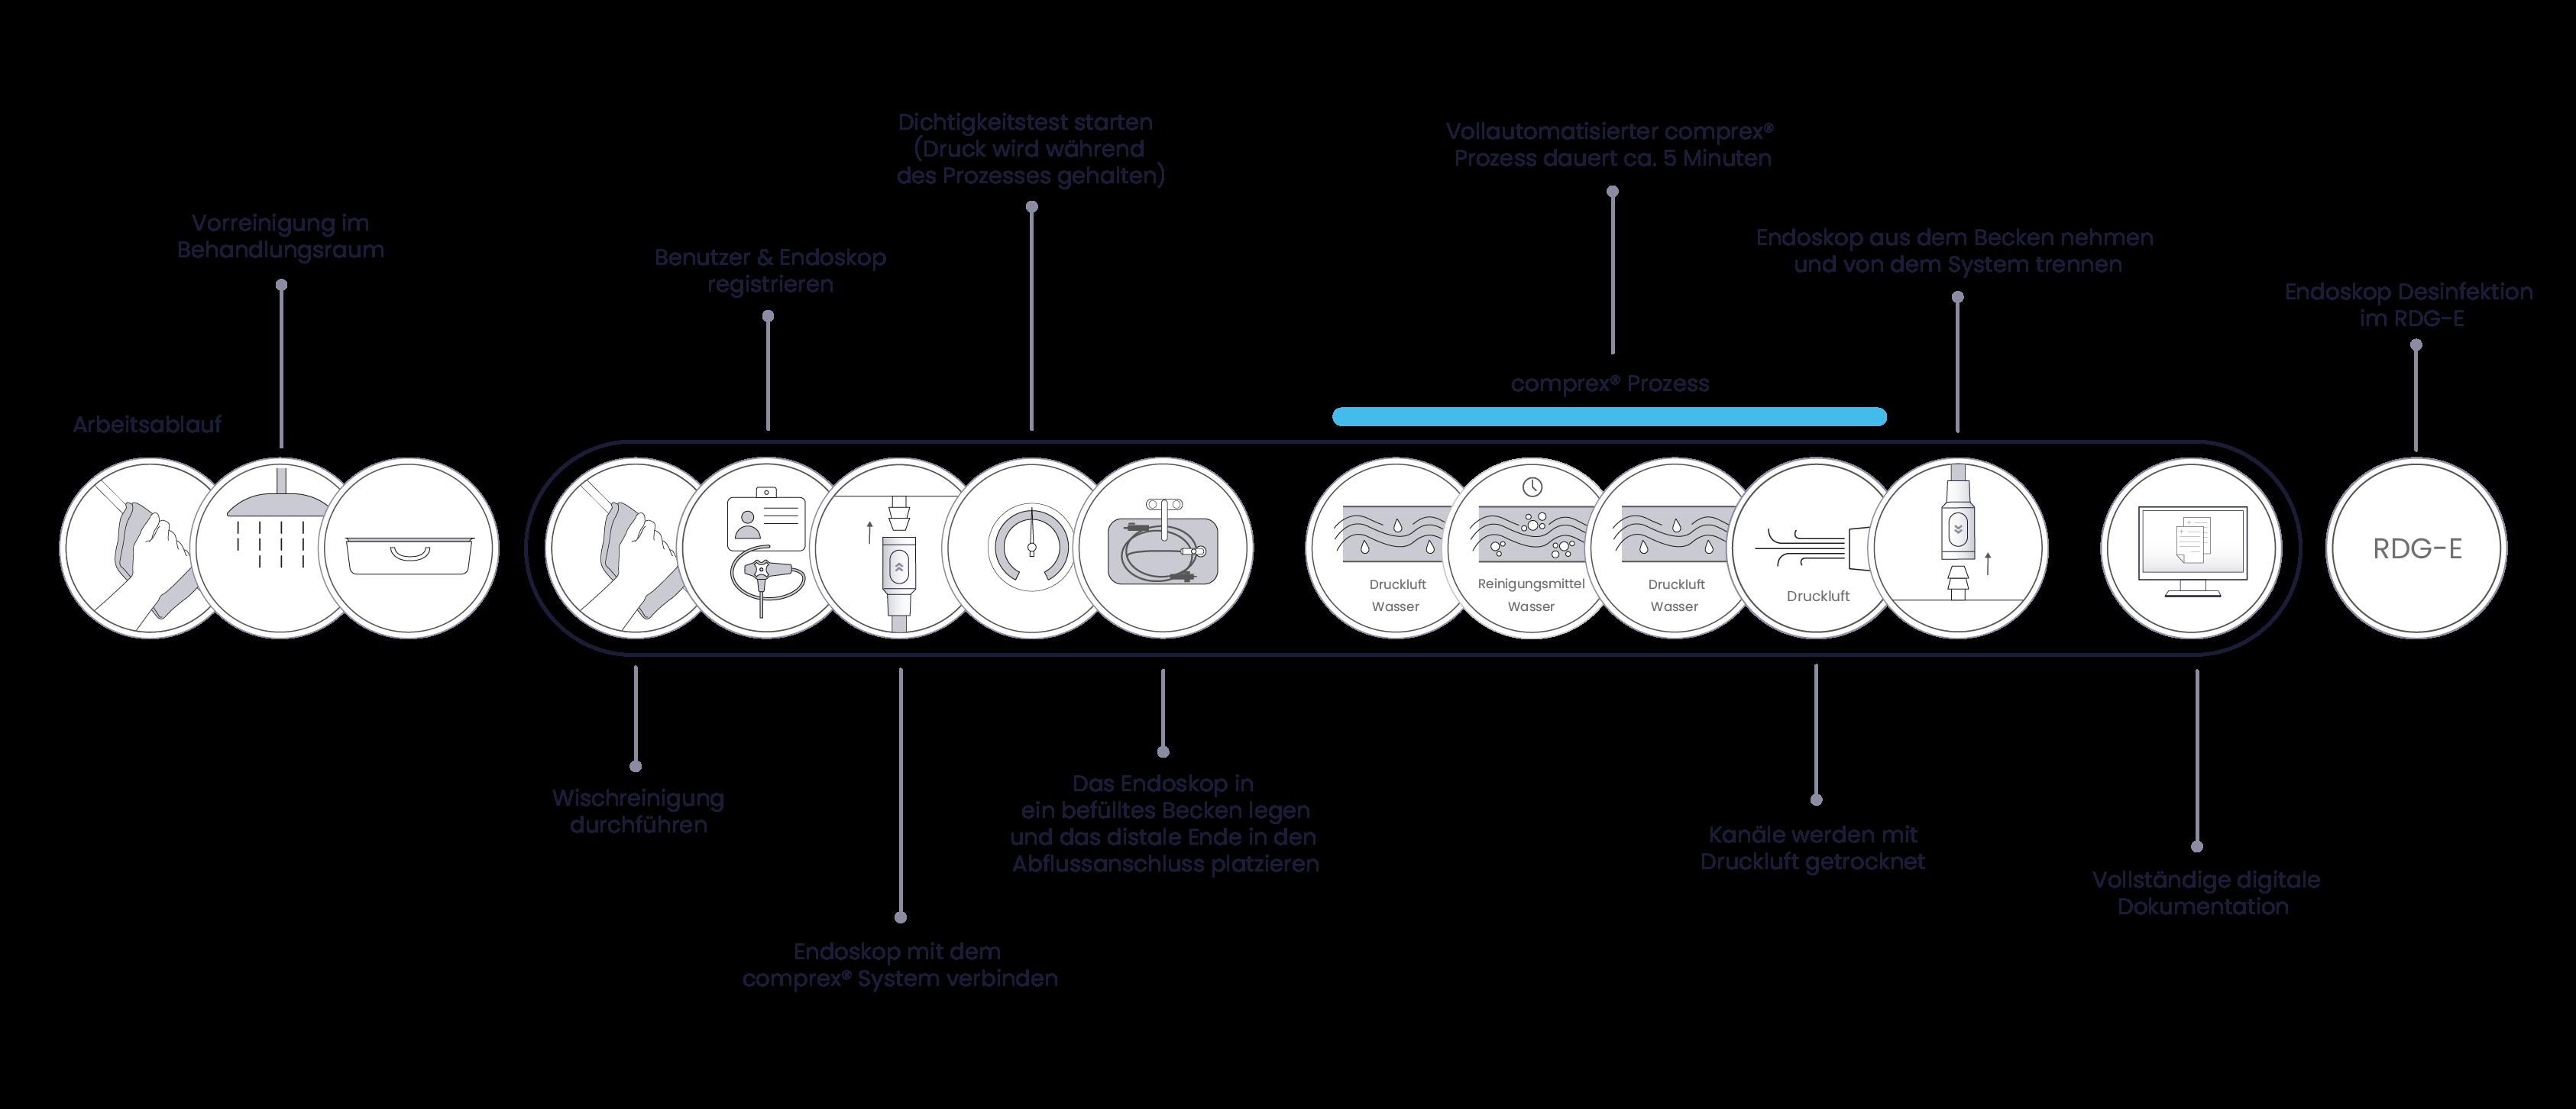 Comprex_System_Visualisierung_210706_EN_hor_Zeichenfläche 1 Kopie 5